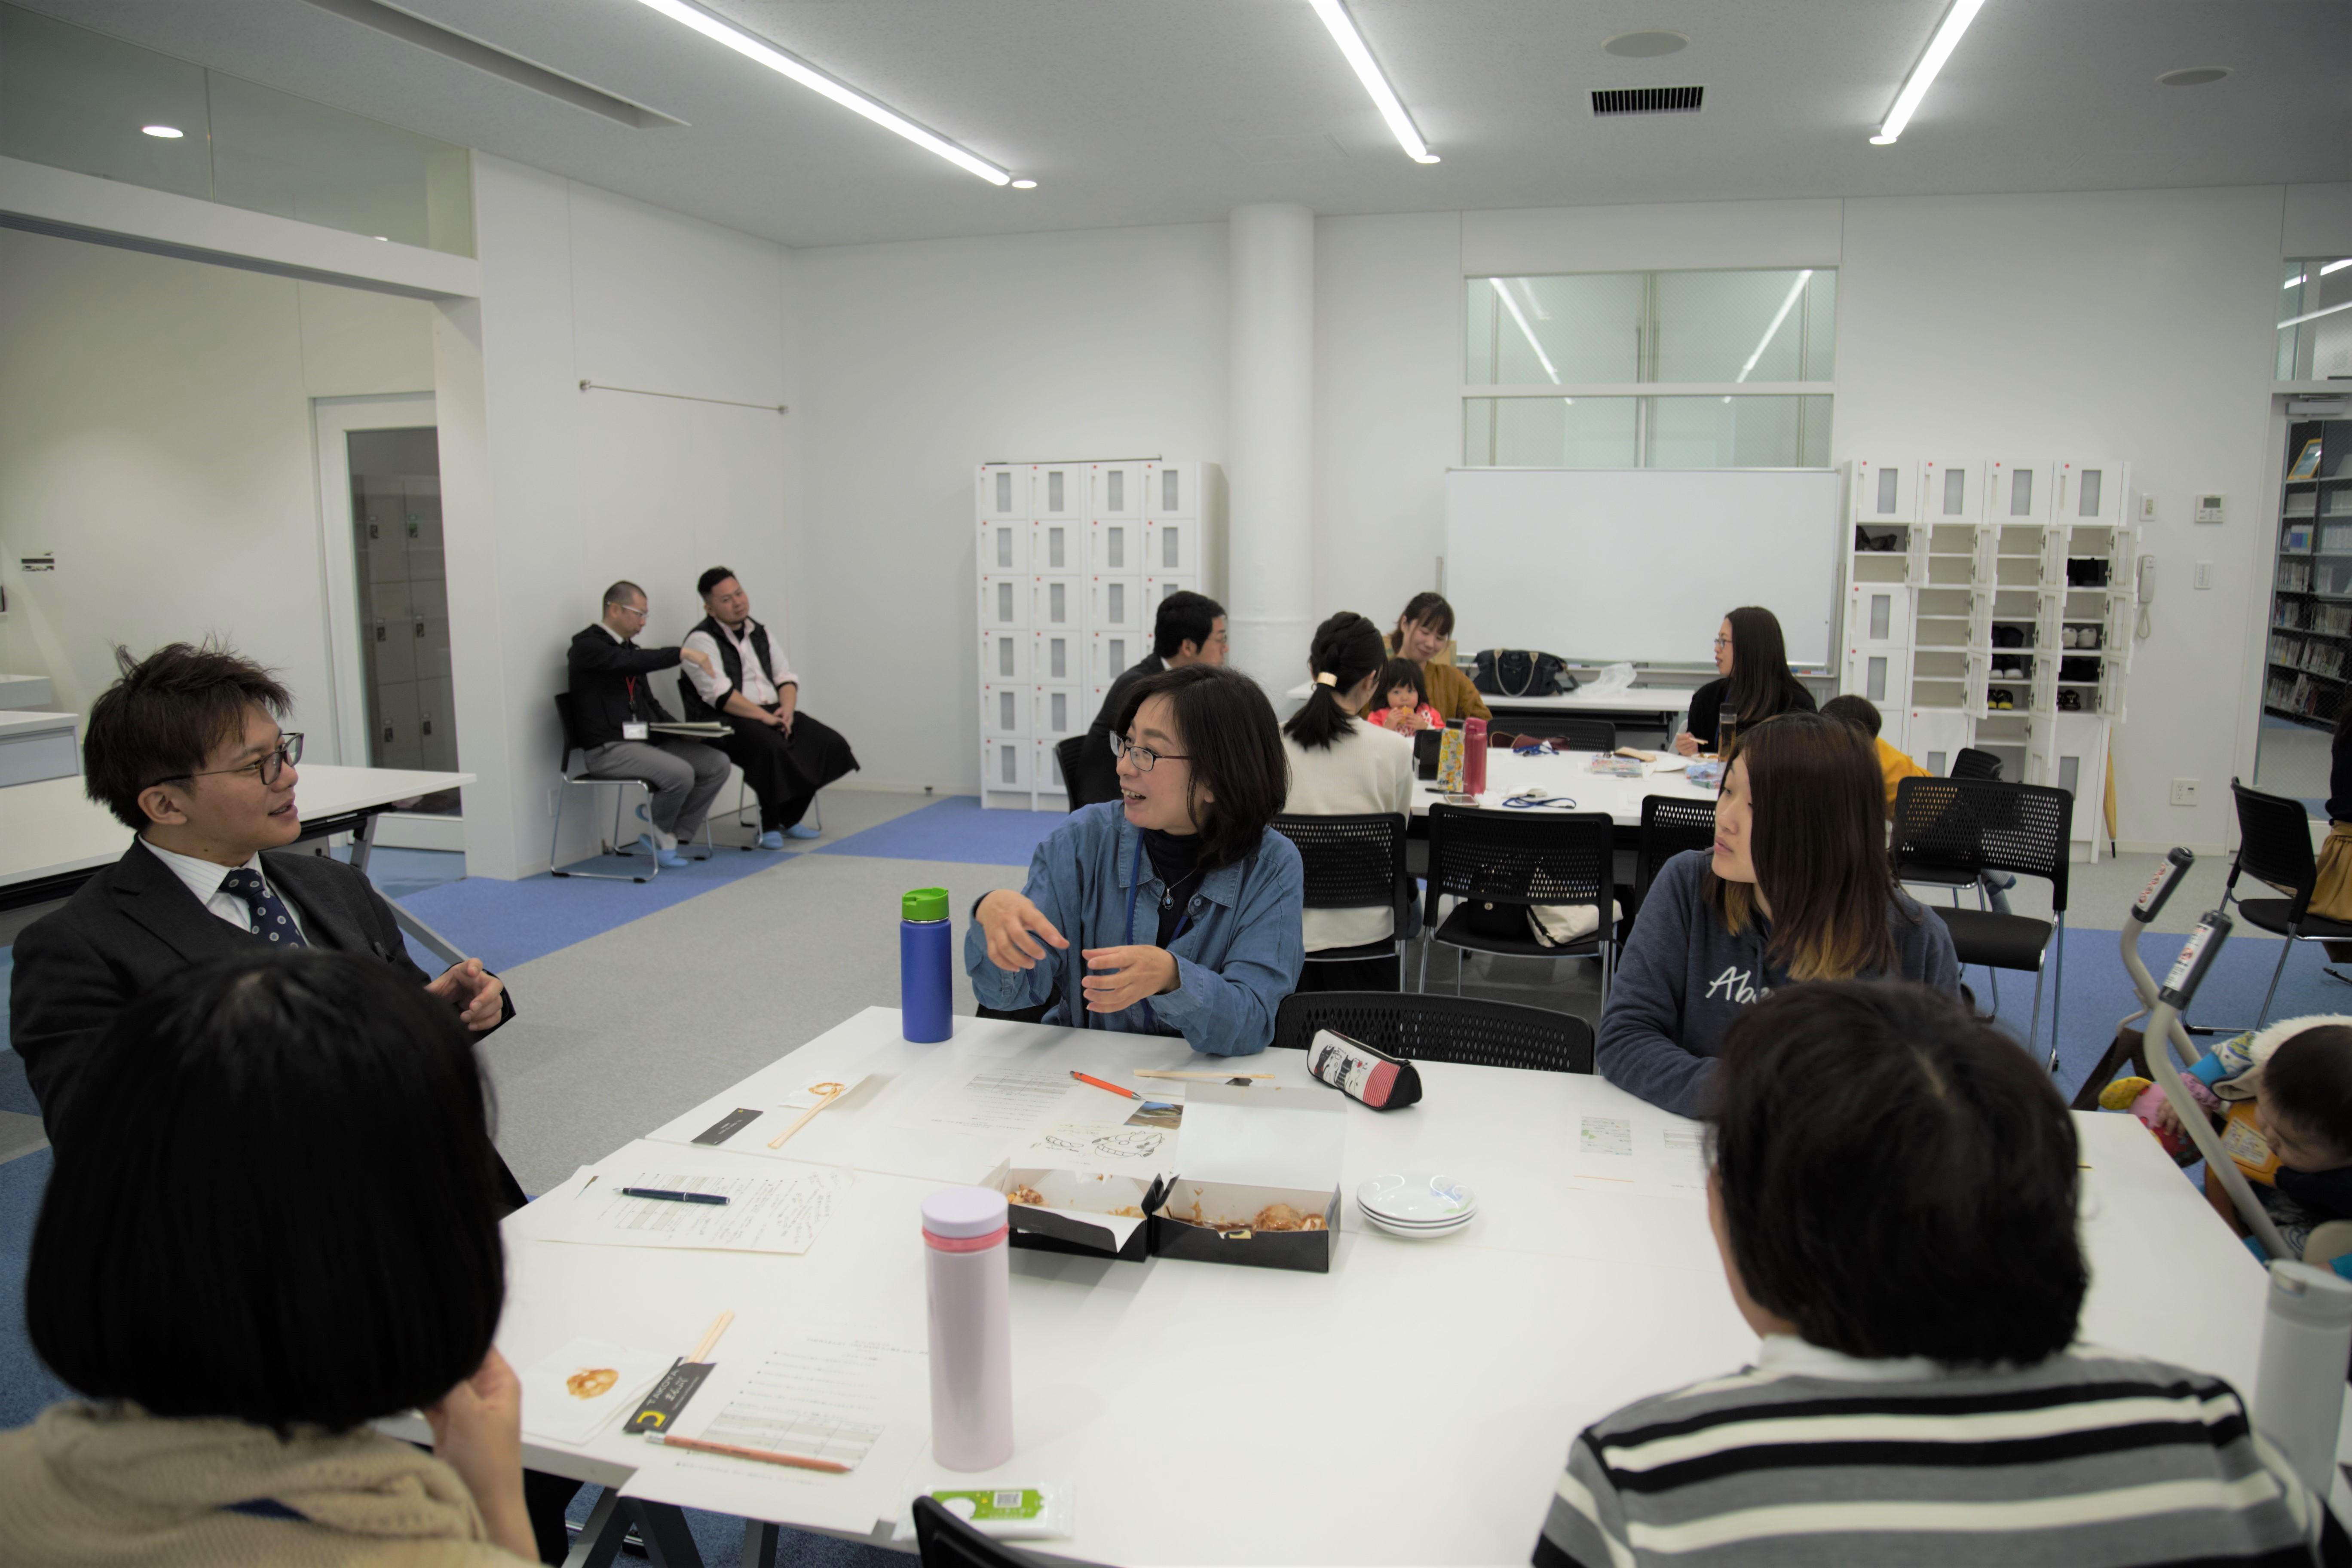 【ABC女子】日本初行政による女性の意見集約プロジェクト